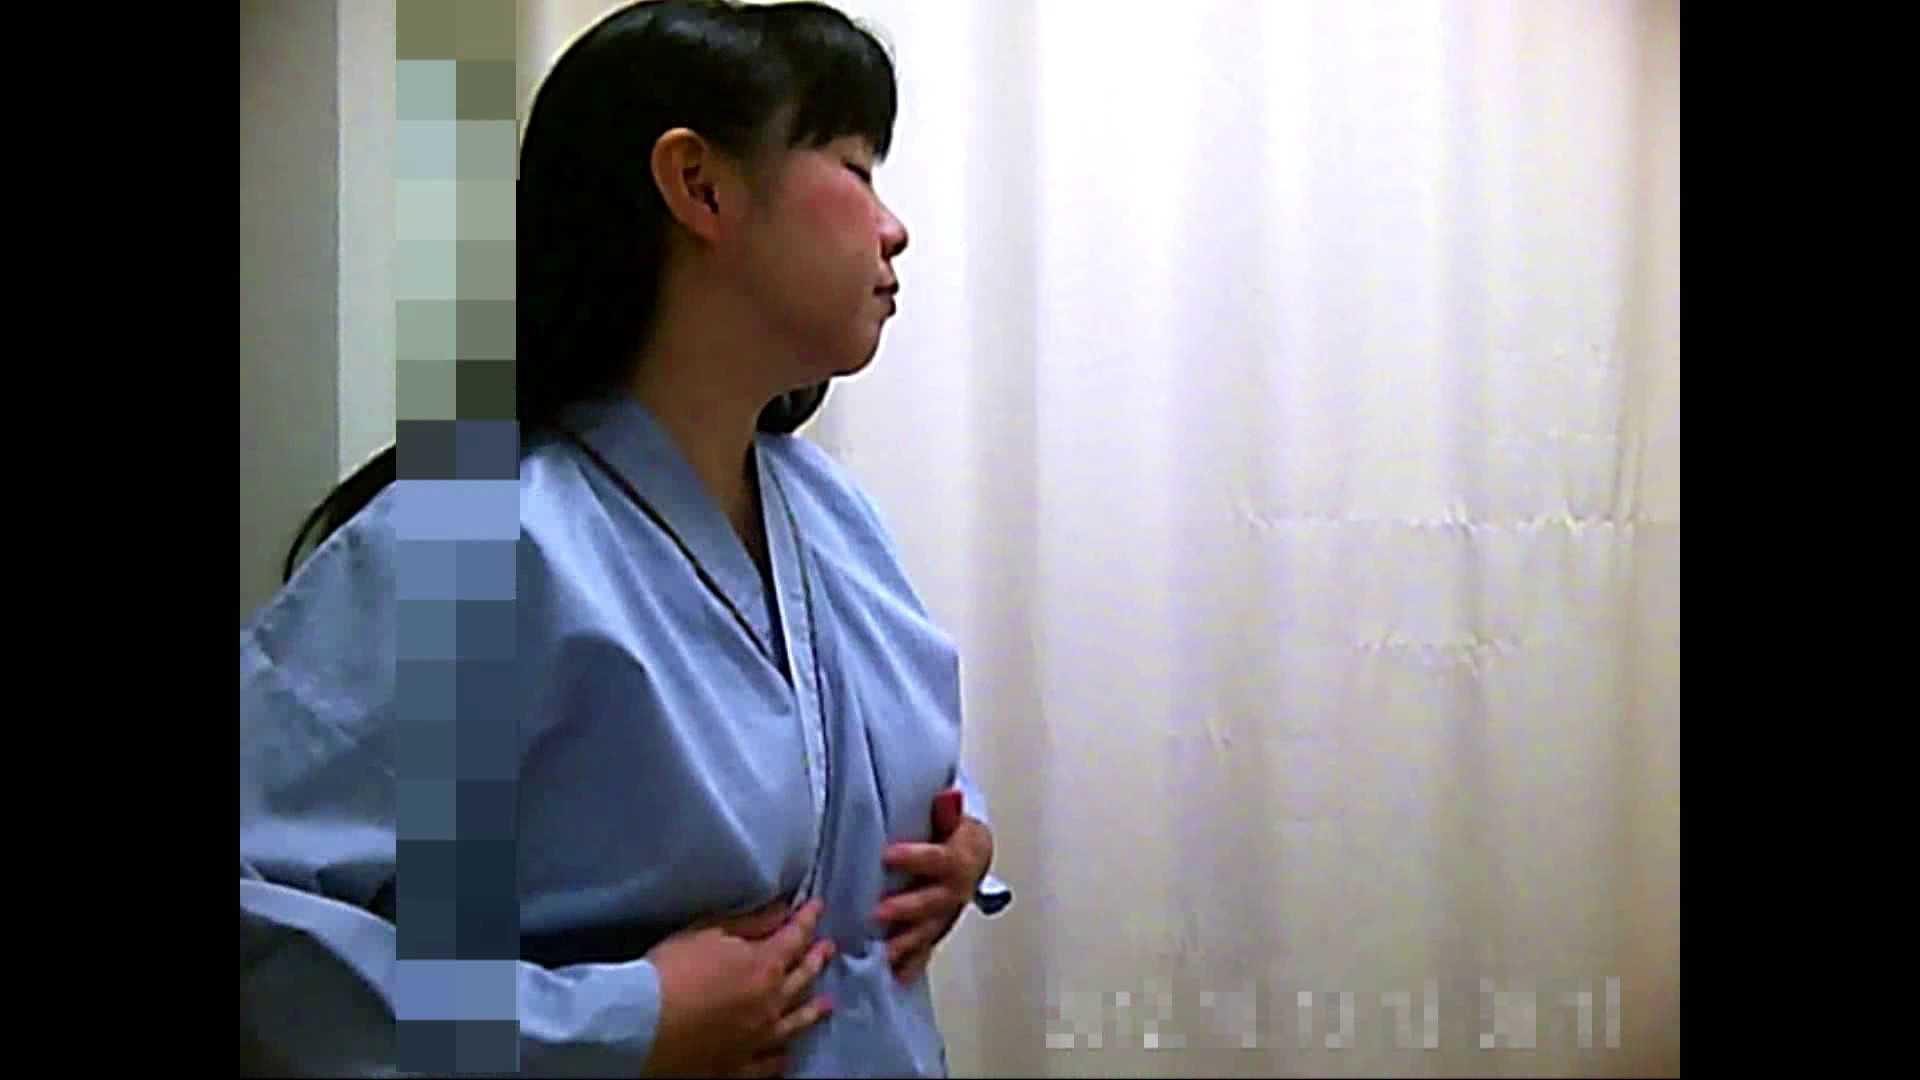 病院おもいっきり着替え! vol.237 おっぱい特集  60pic 28